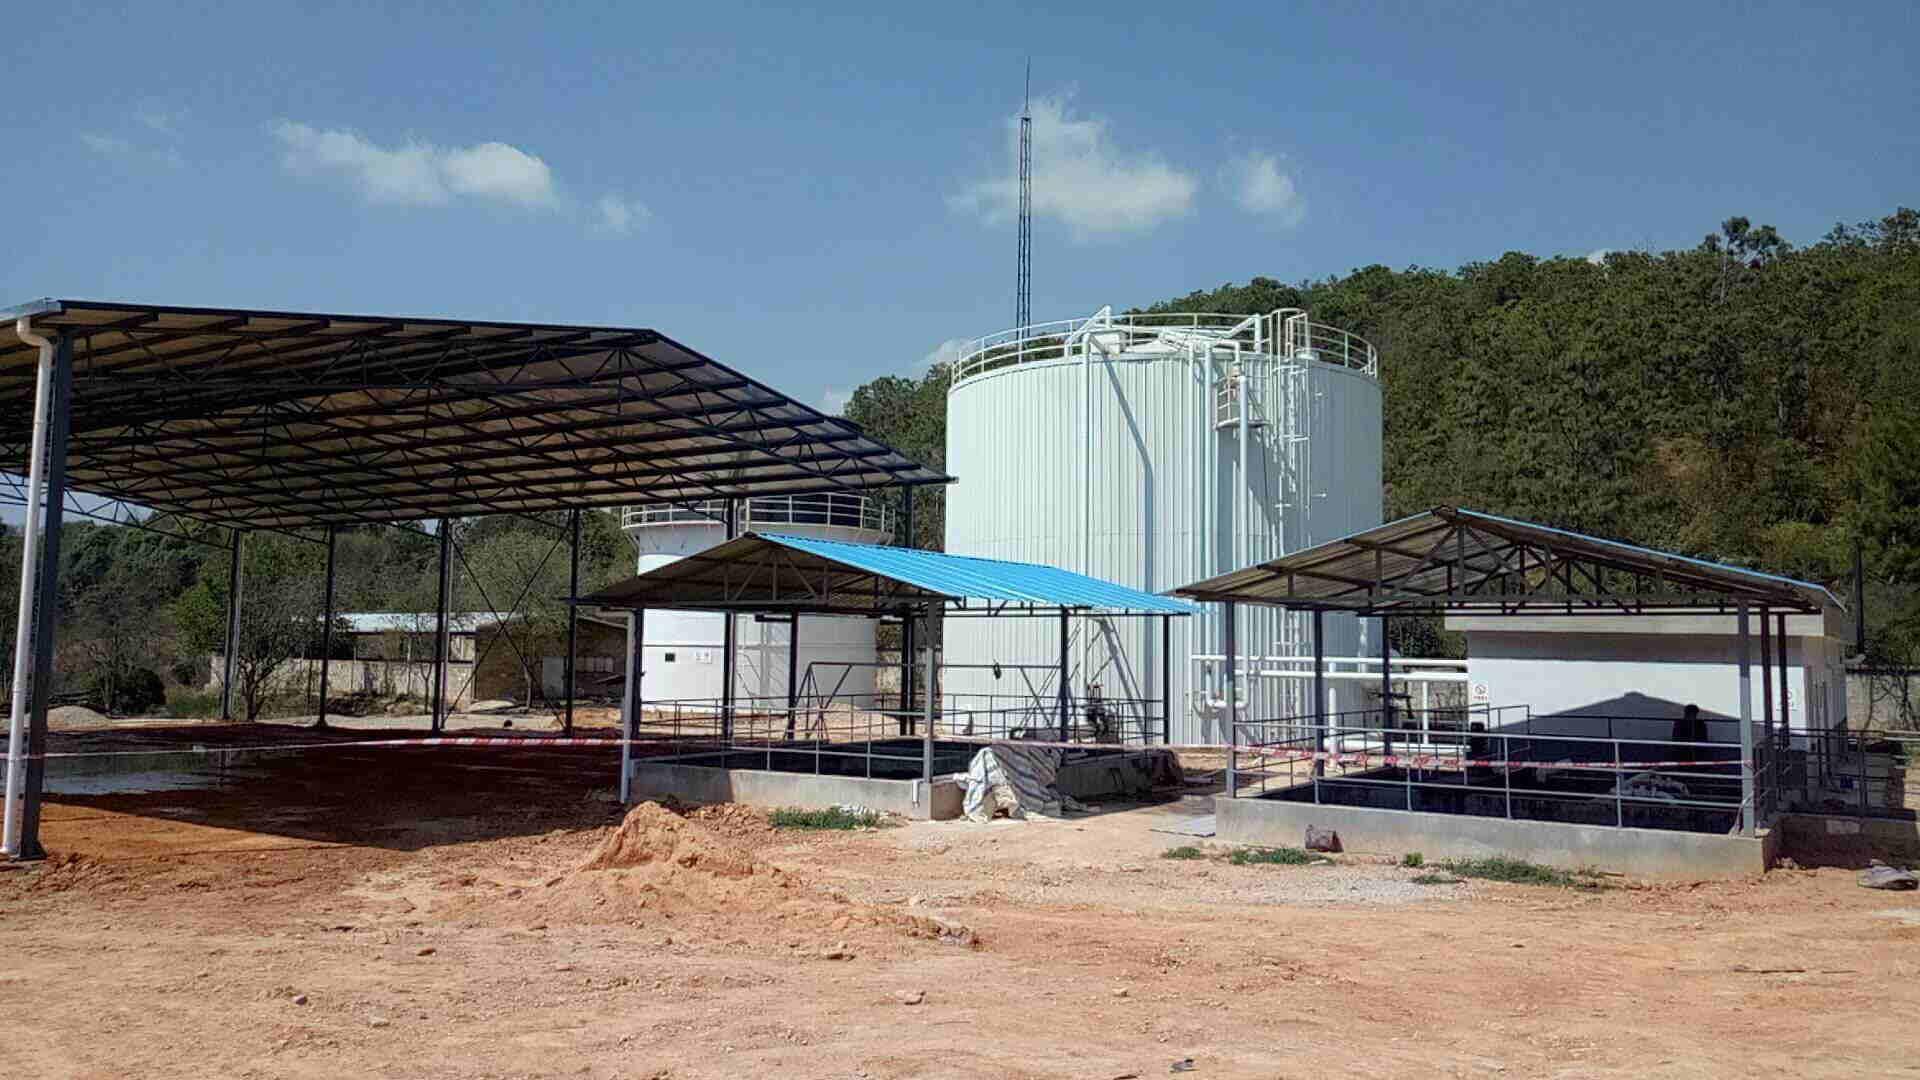 玉溪瑞丰农业科技开发有限公司养殖场大型沼气工程